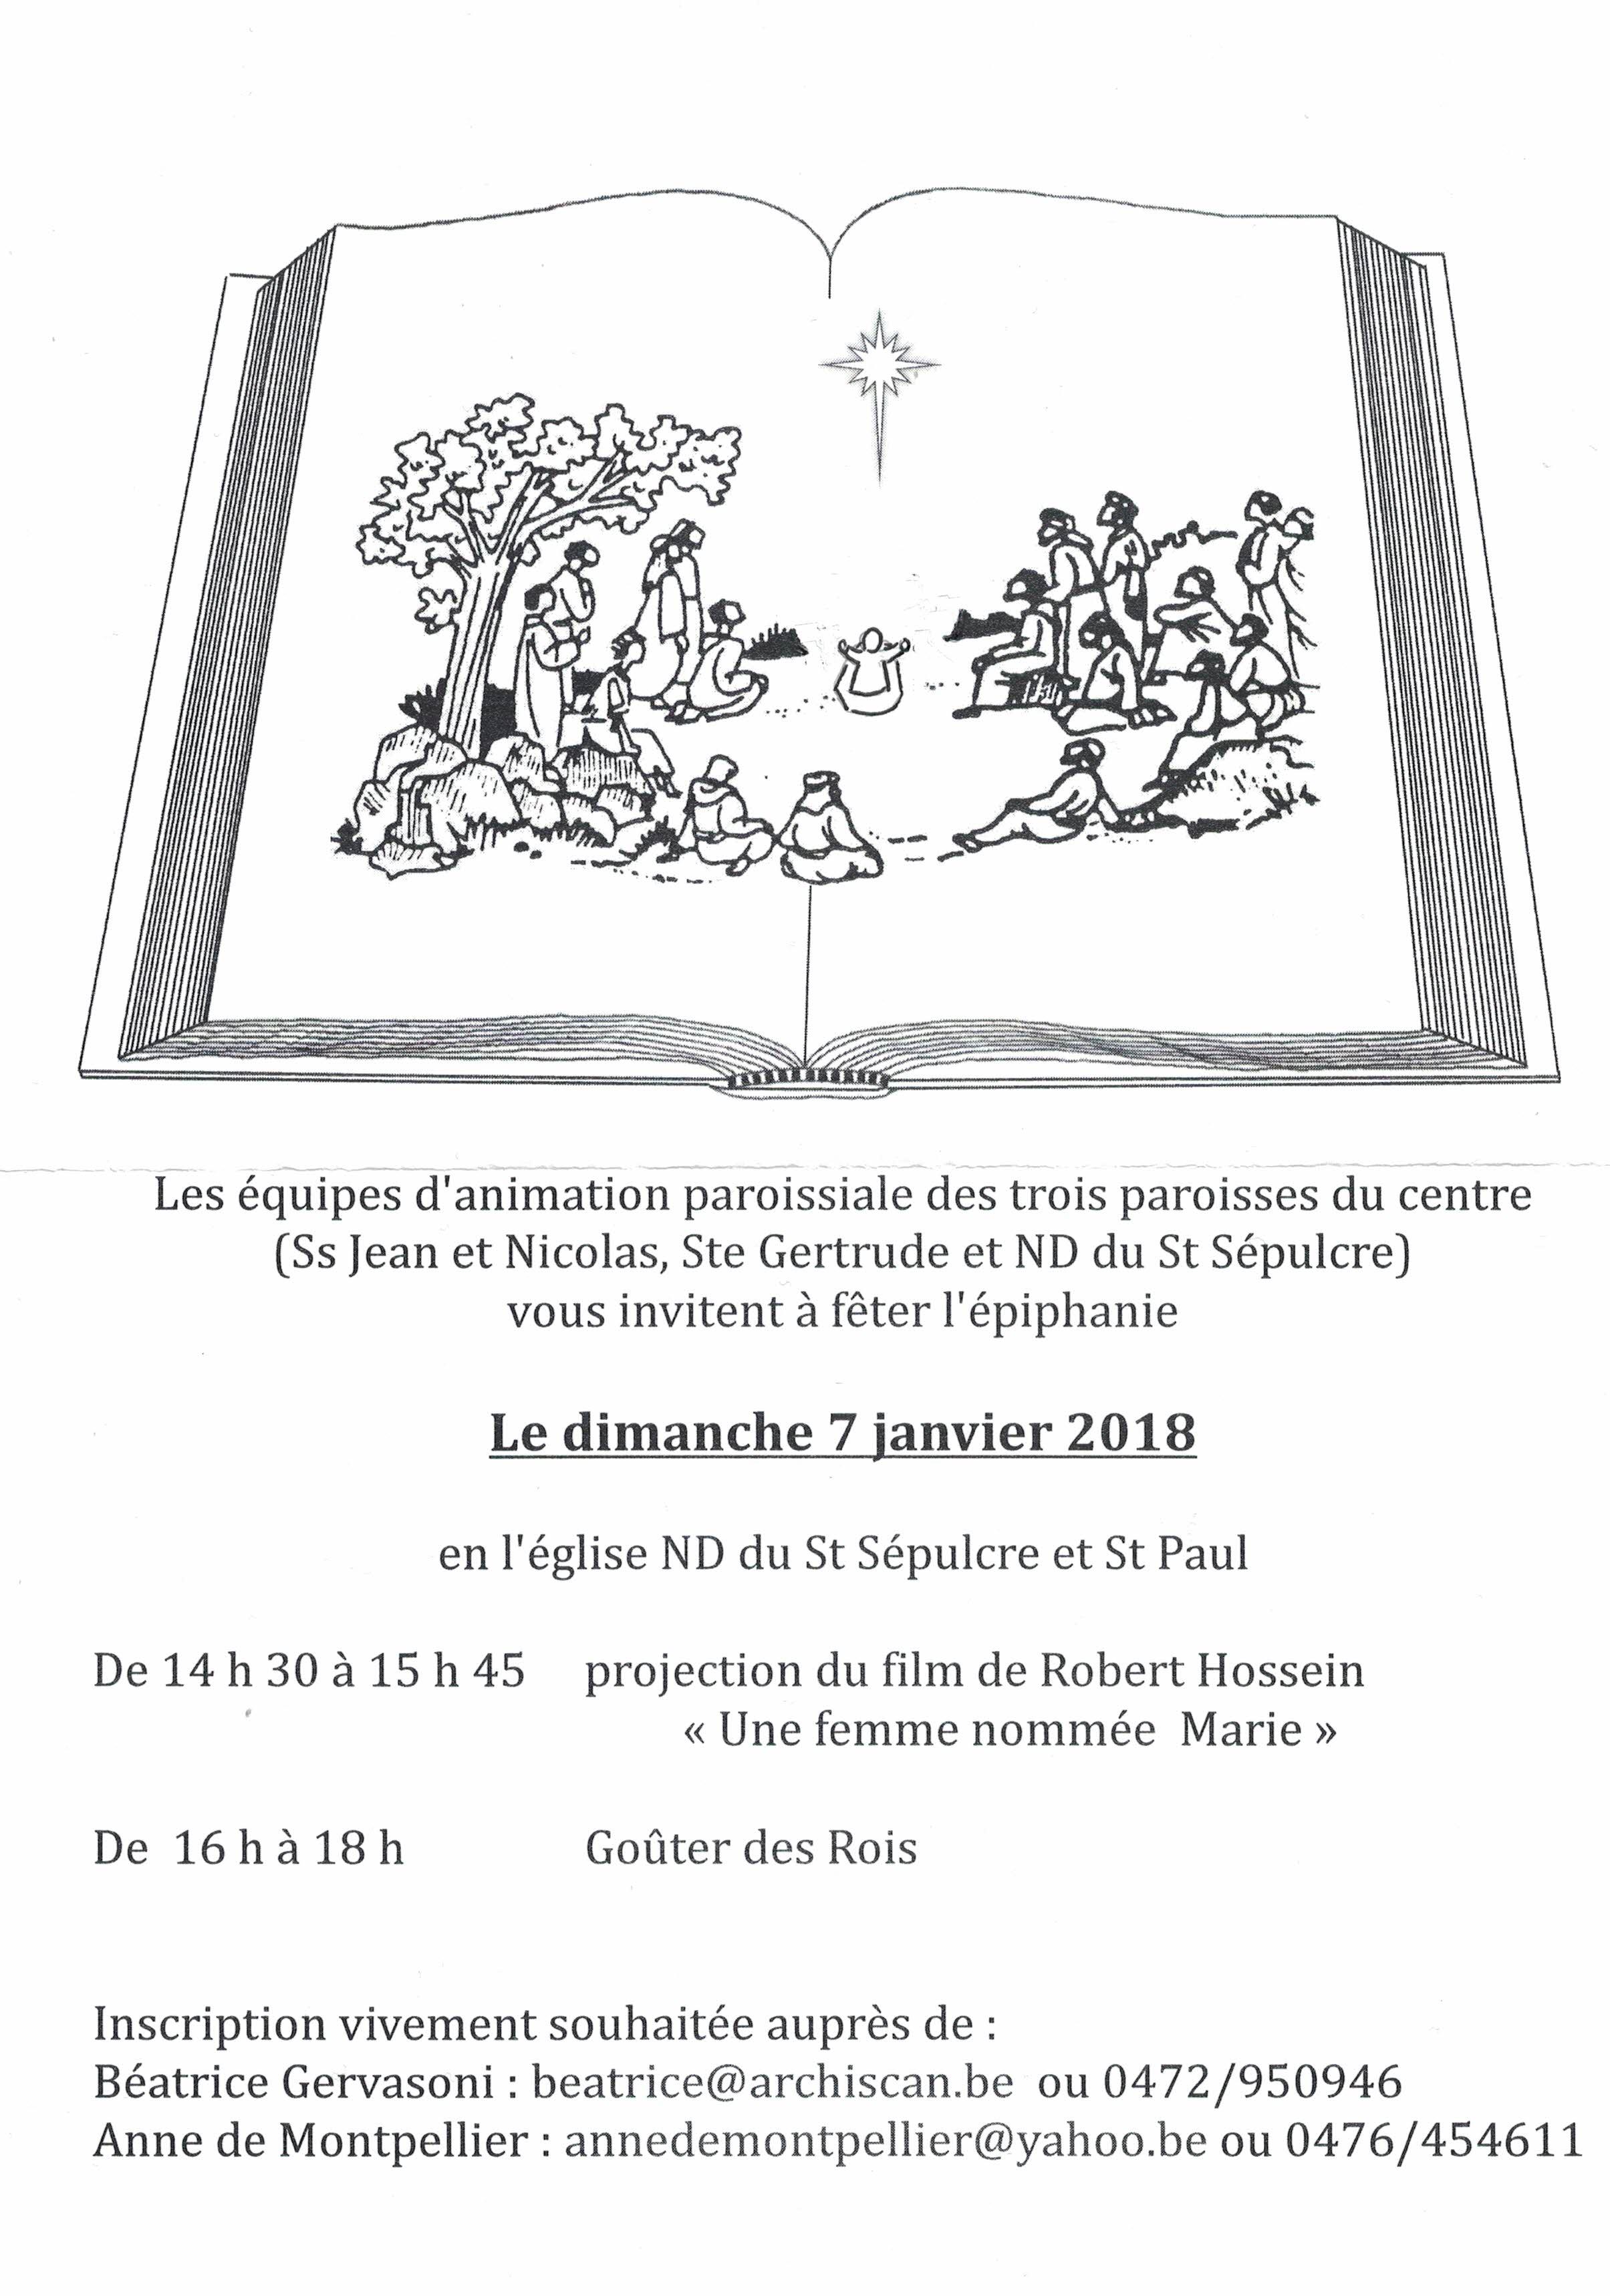 180107-Gouter_des_Rois